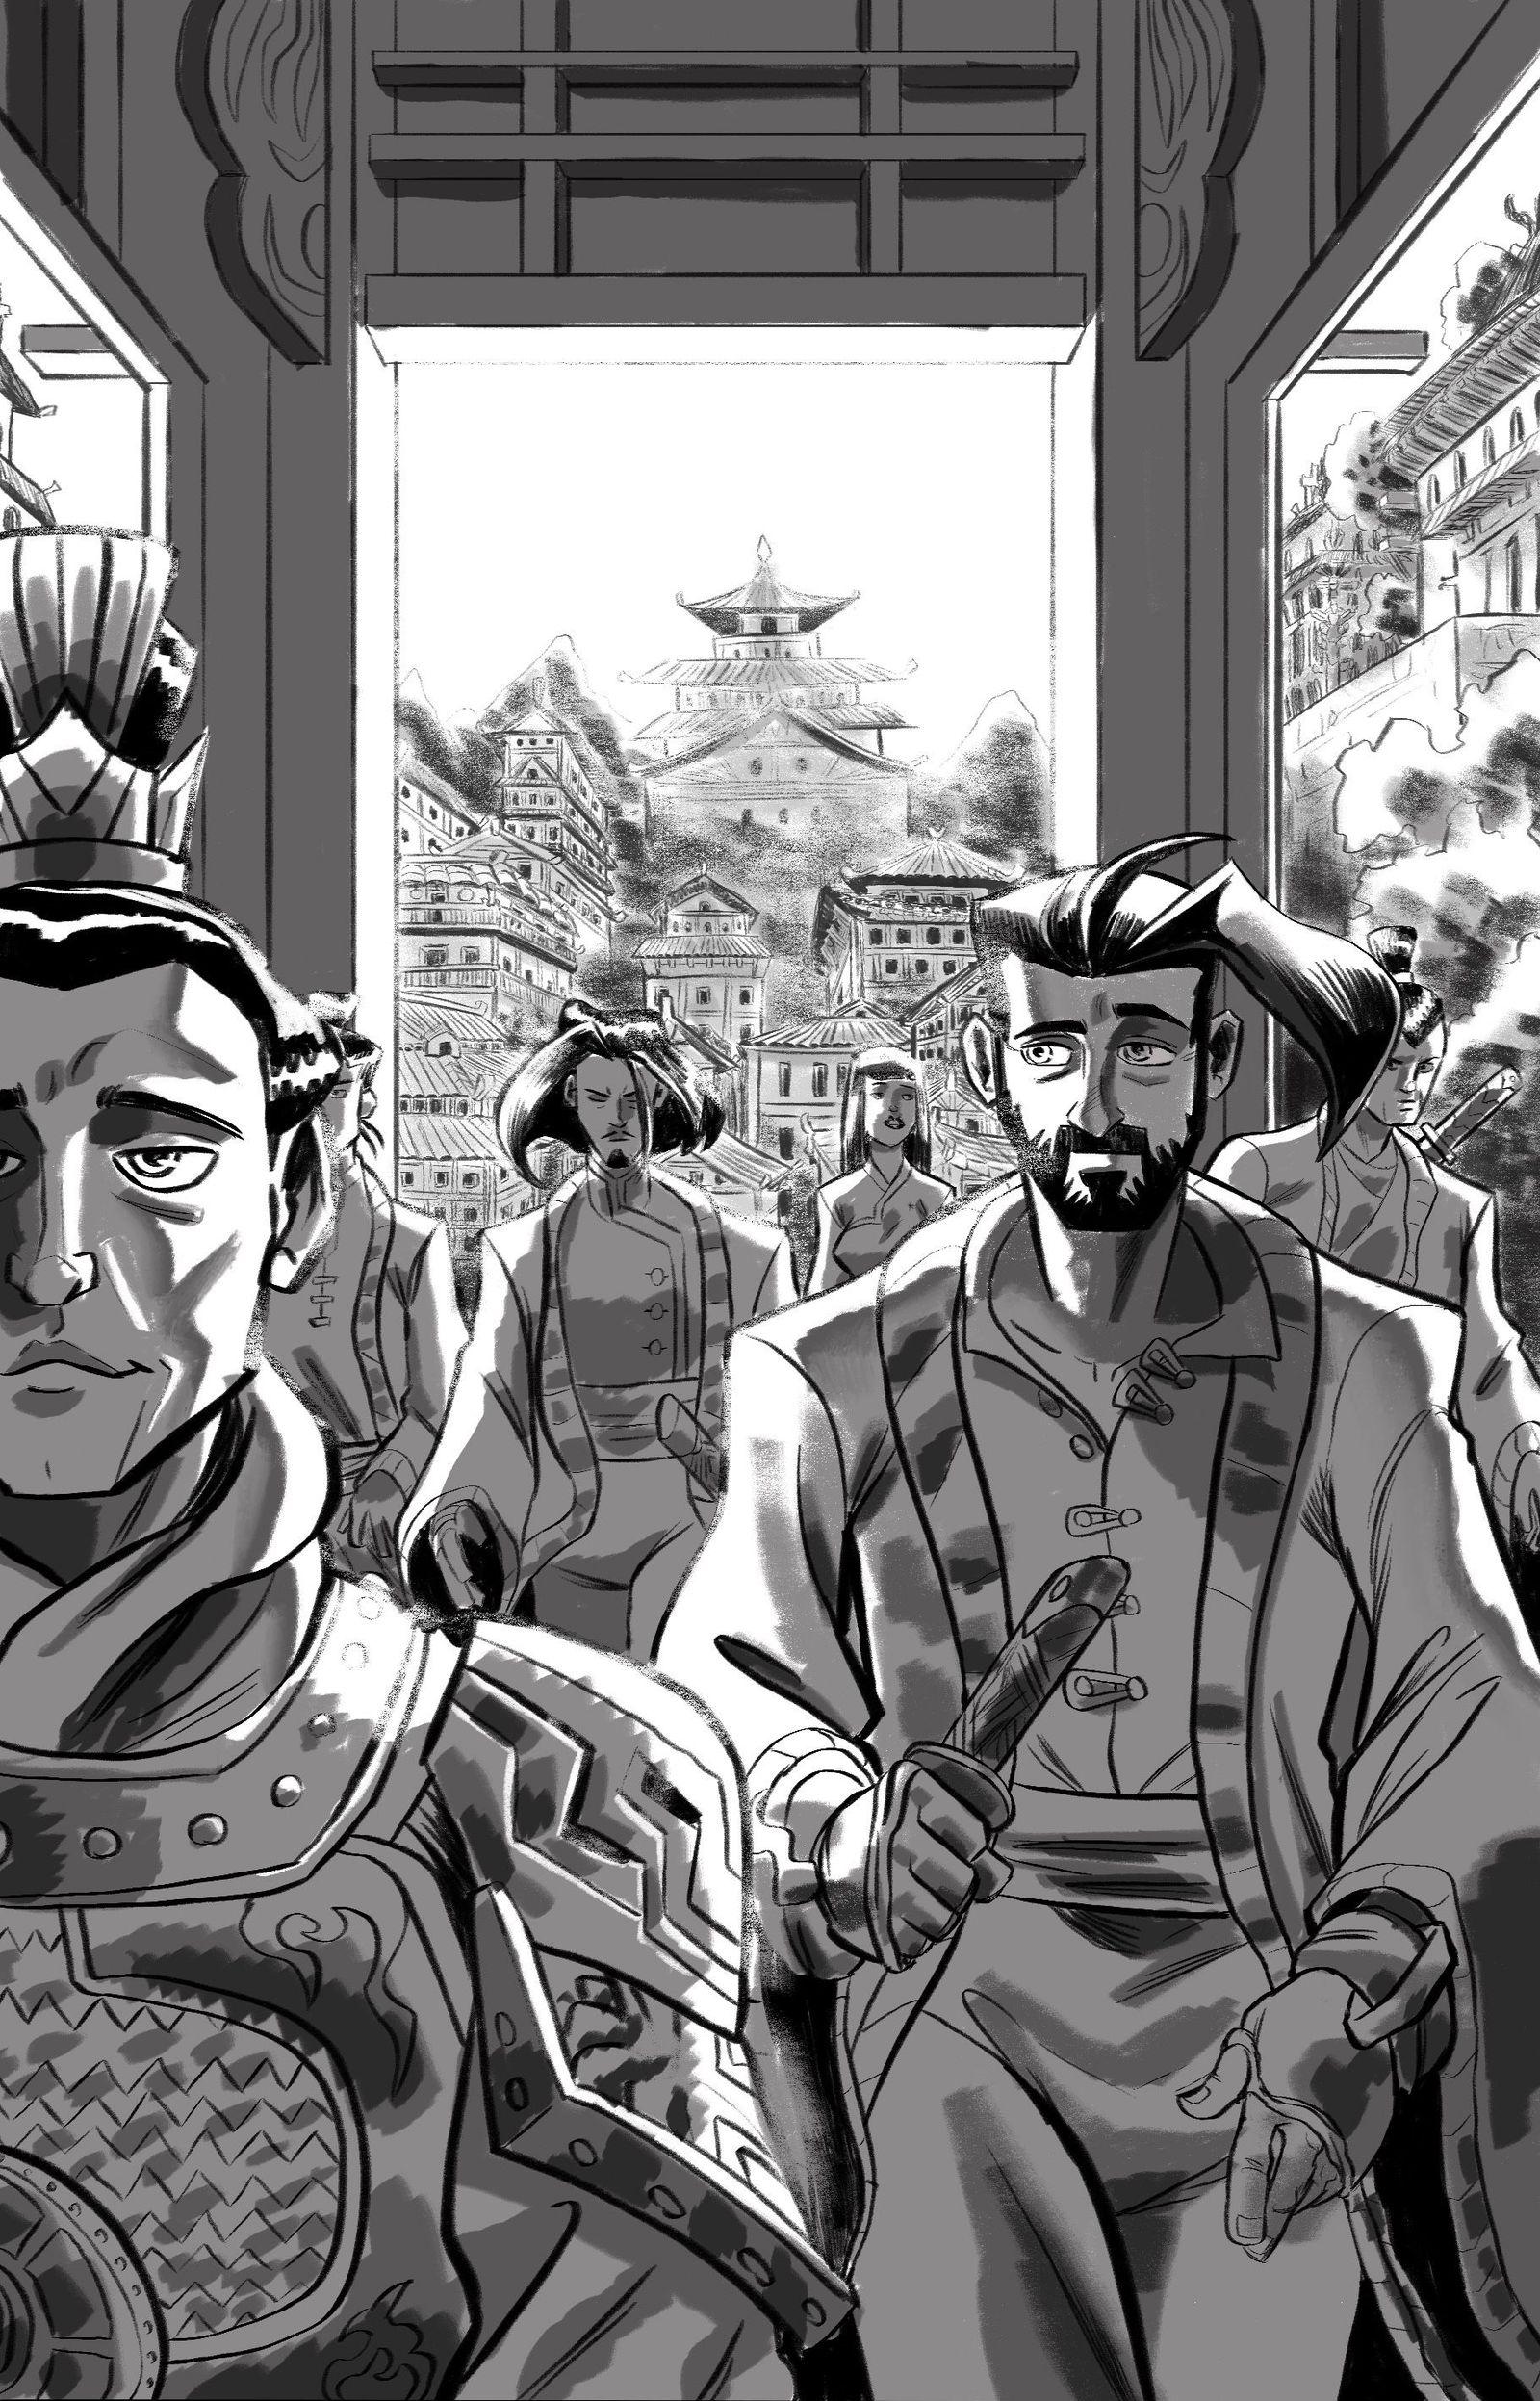 Shogun's Escort